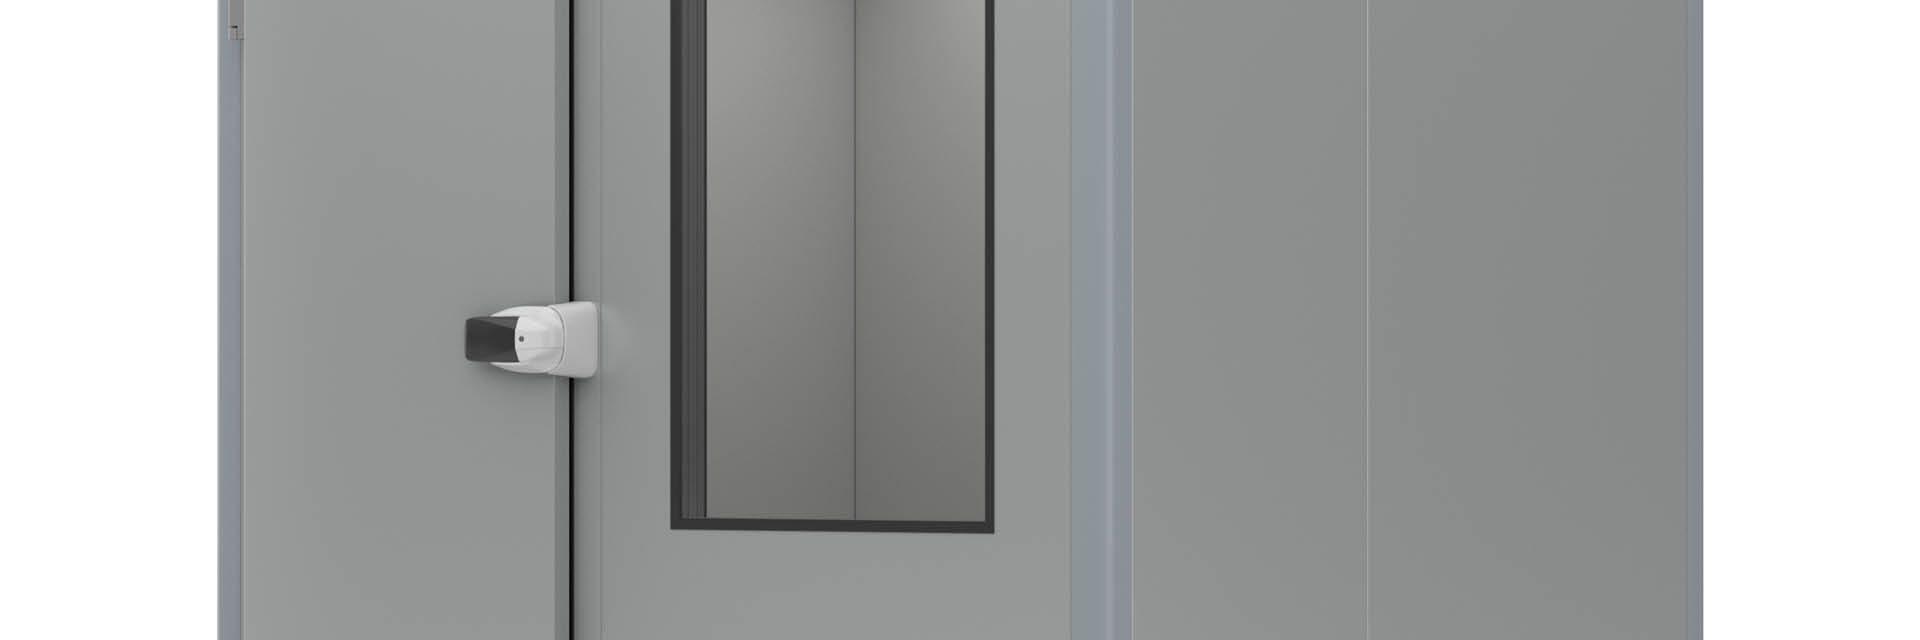 Modulaire Isark en Matrix koel- en vriescellen